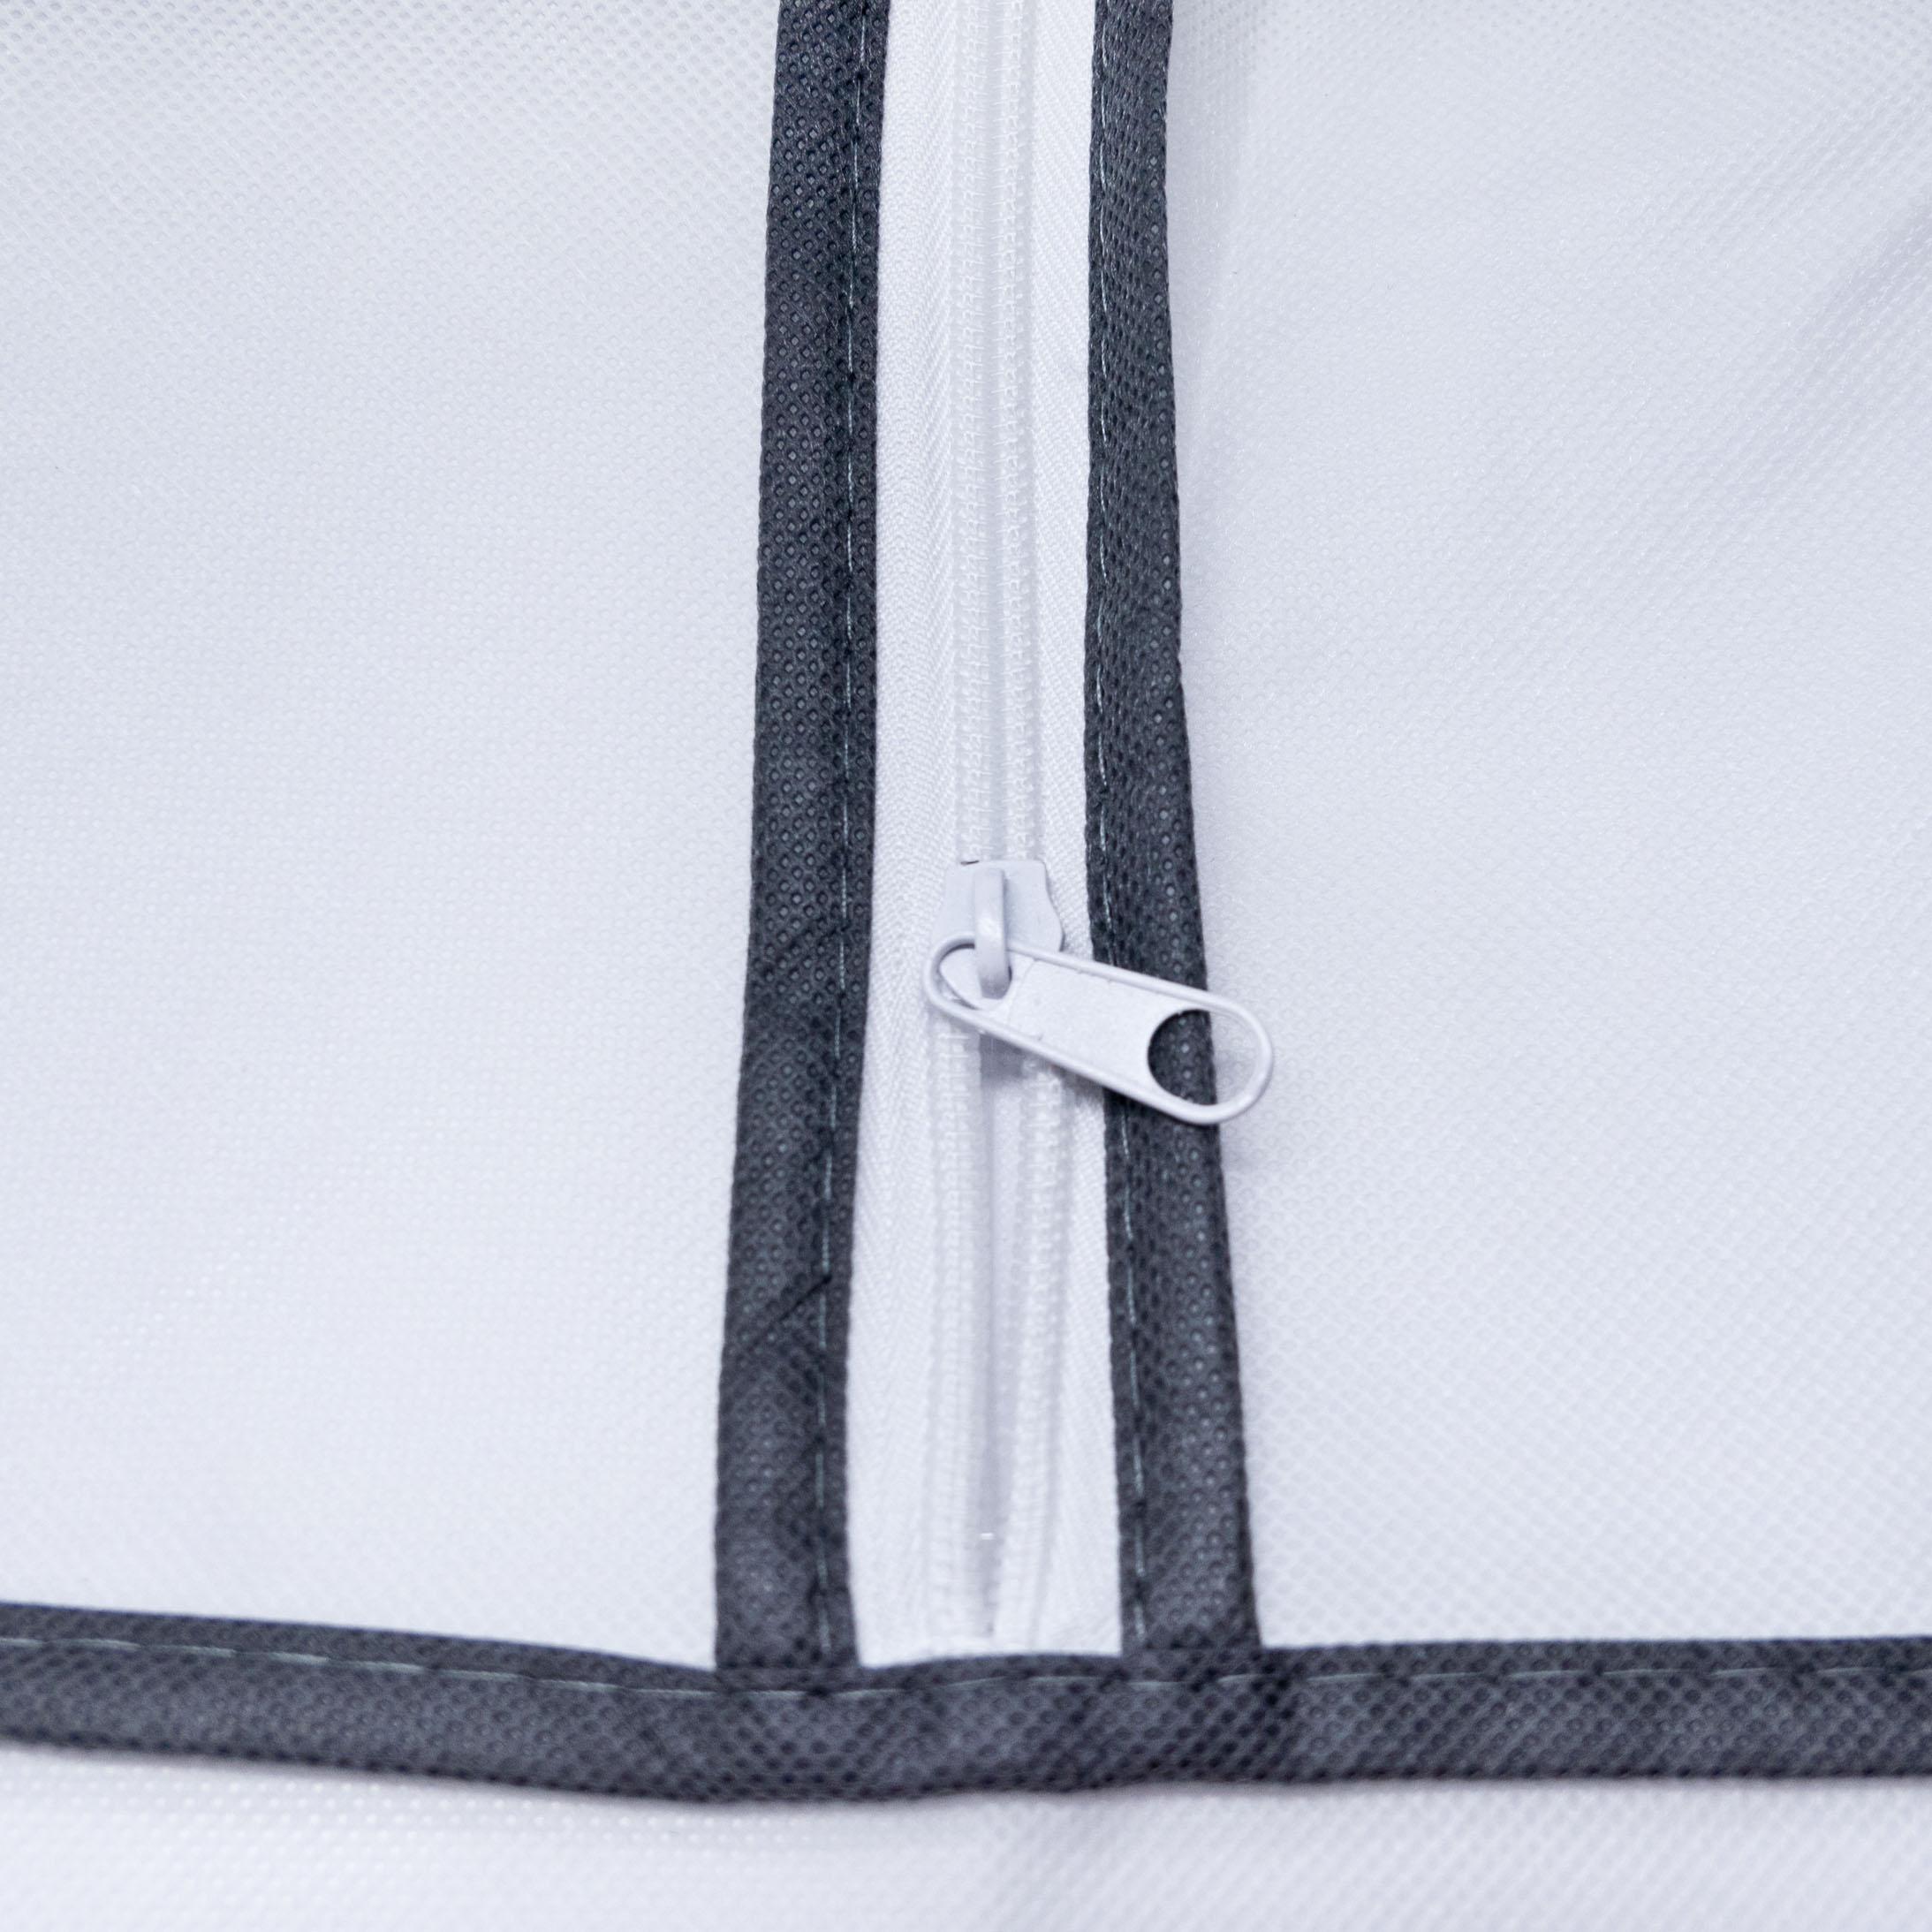 Aufbewahrungstasche 2 Stück Tragetasche für Bettdecken, Kopfkissen und Kissen  – Bild 5